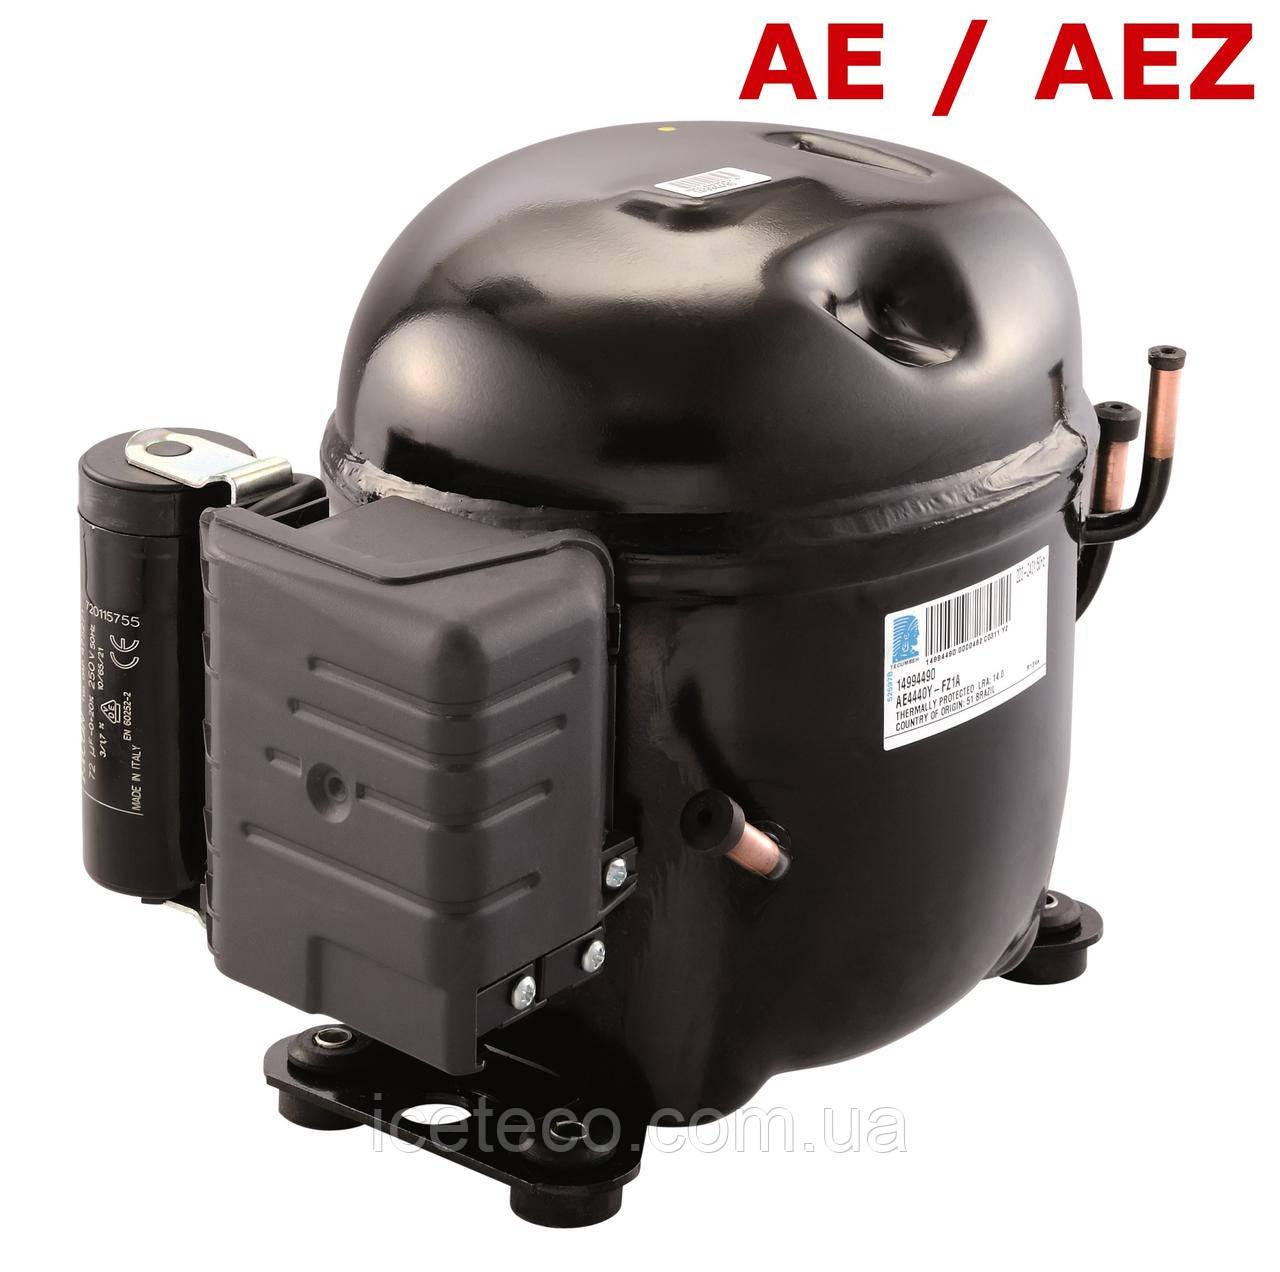 Герметичный поршневой компрессор AE4430E Tecumseh